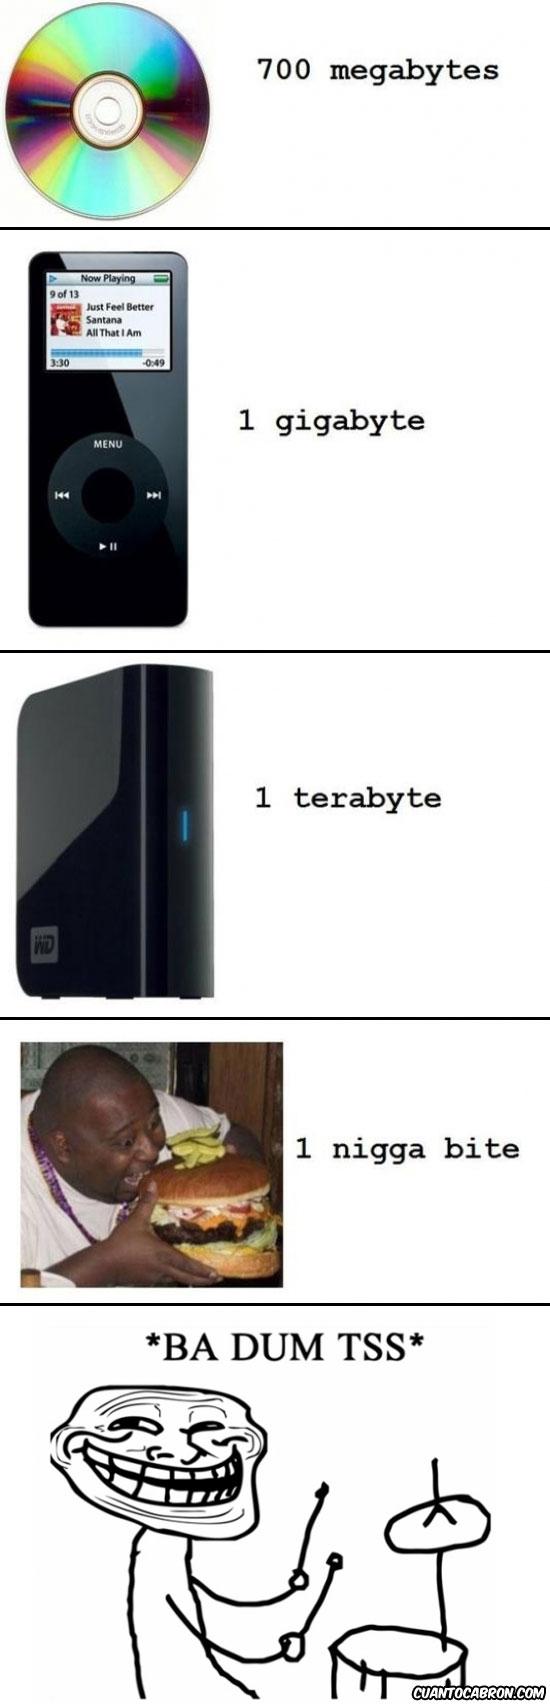 ba dum tss,cd,comer,disco duro,gigabytes,hamburguesa,ipod,megabytes,morder,mp3,negro,nigga bytes,niggabytes,terabytes